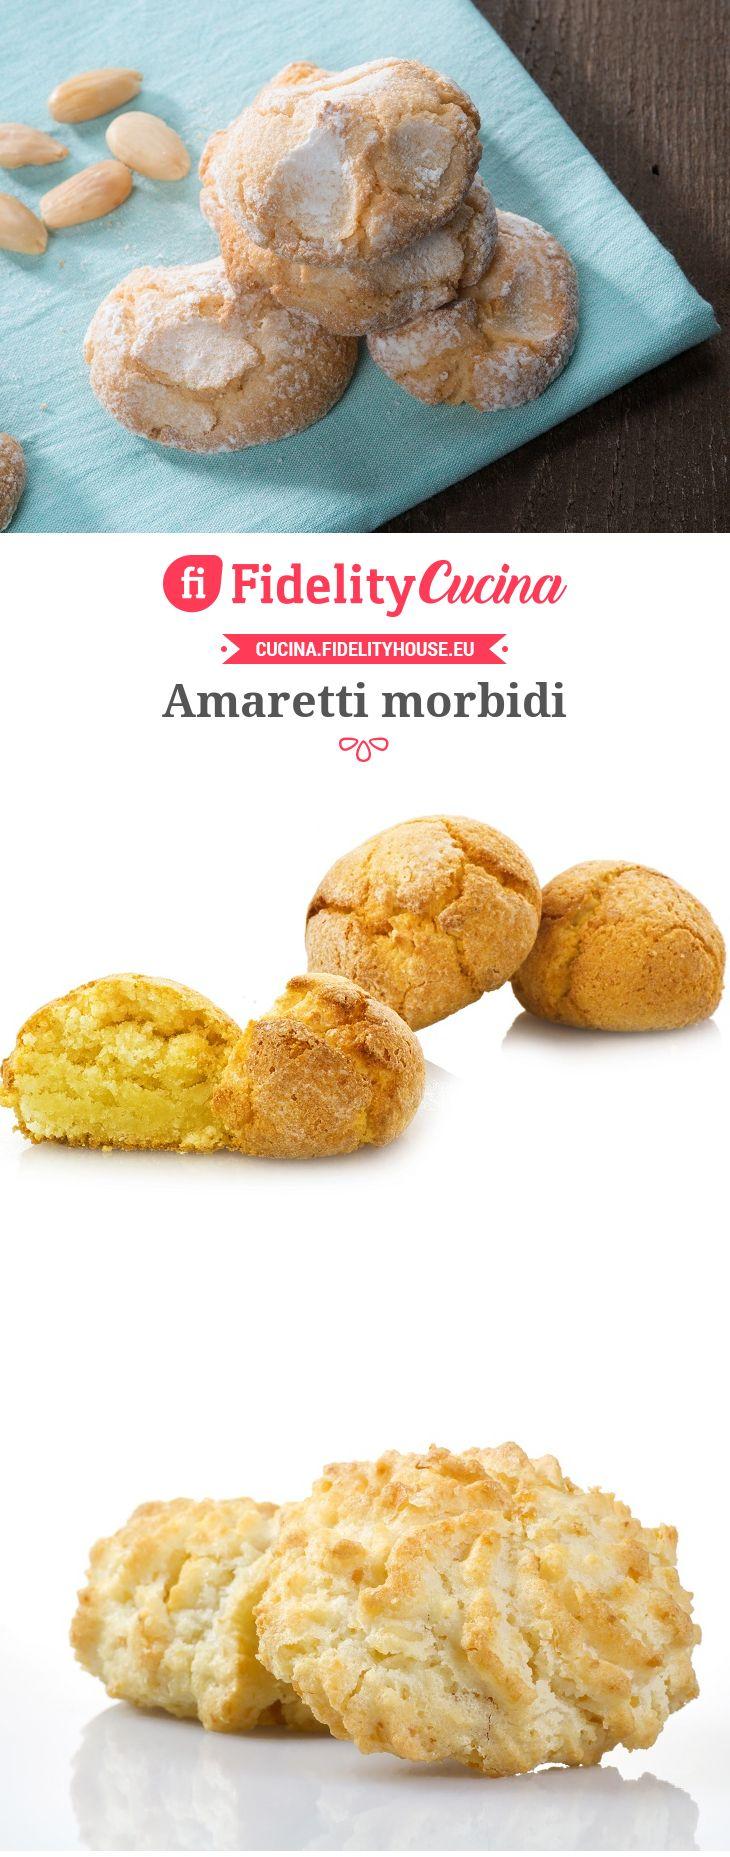 Amaretti morbidi